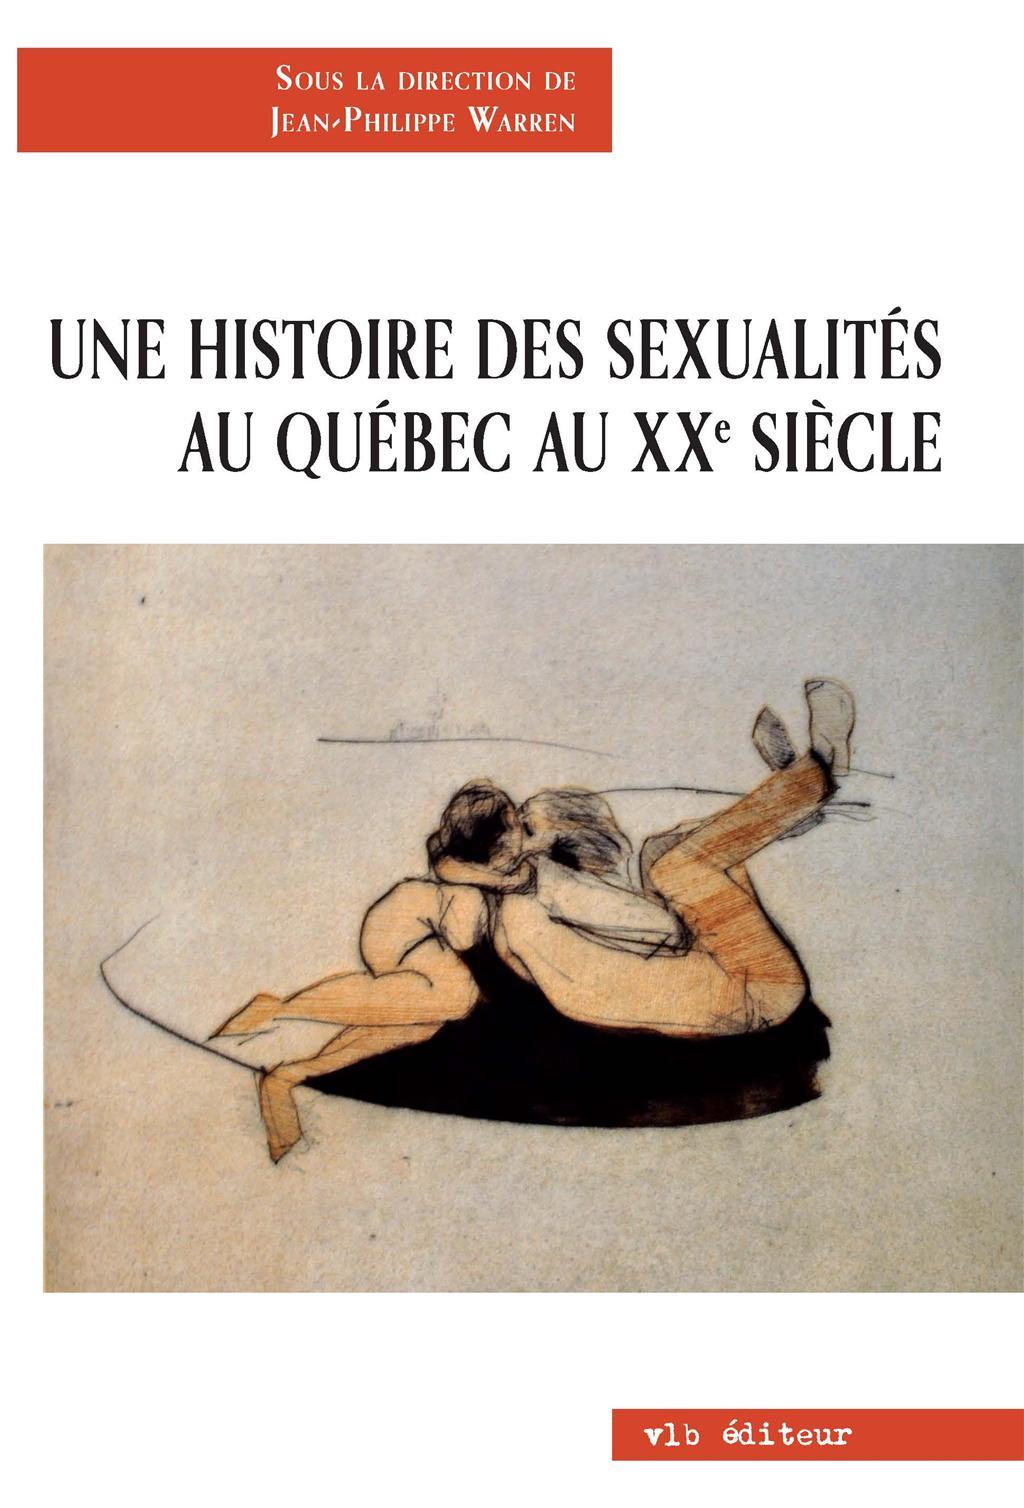 Une histoire des sexualités au Québec au 20e siècle